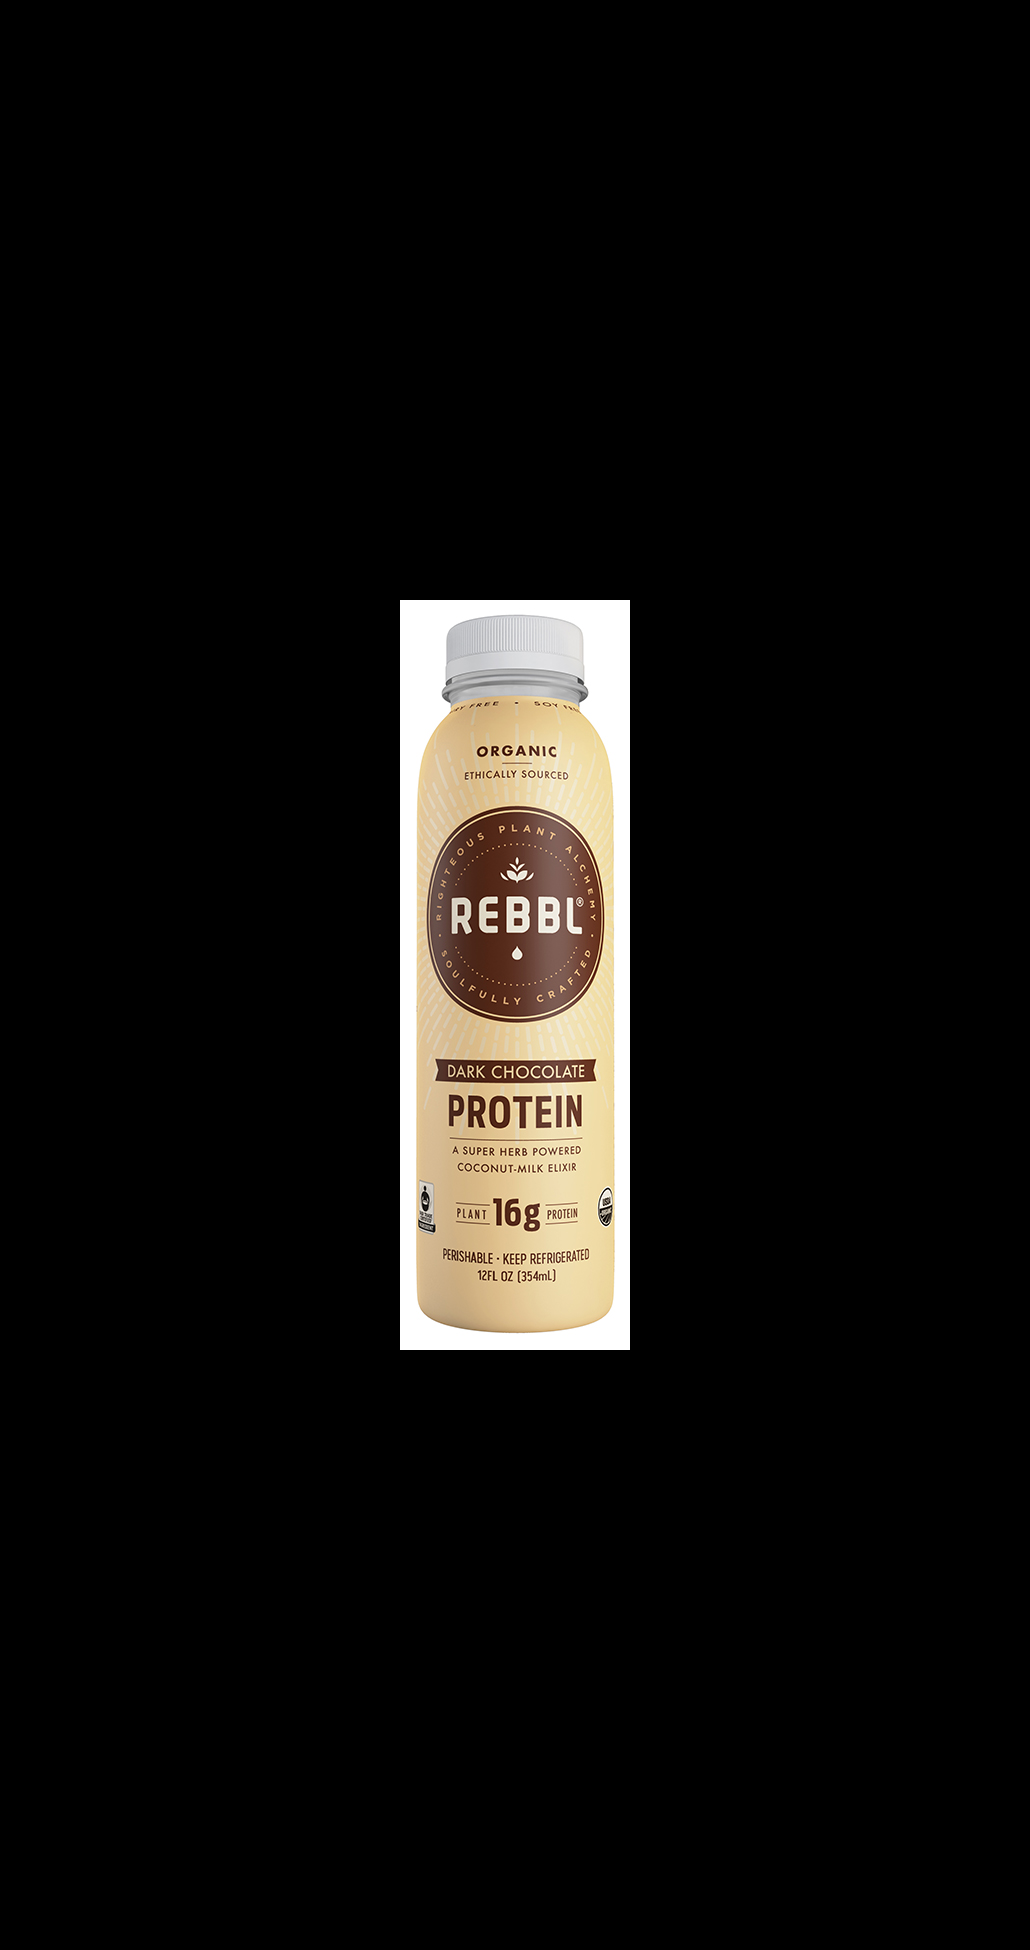 Rebbl Dark Chocolate Protein